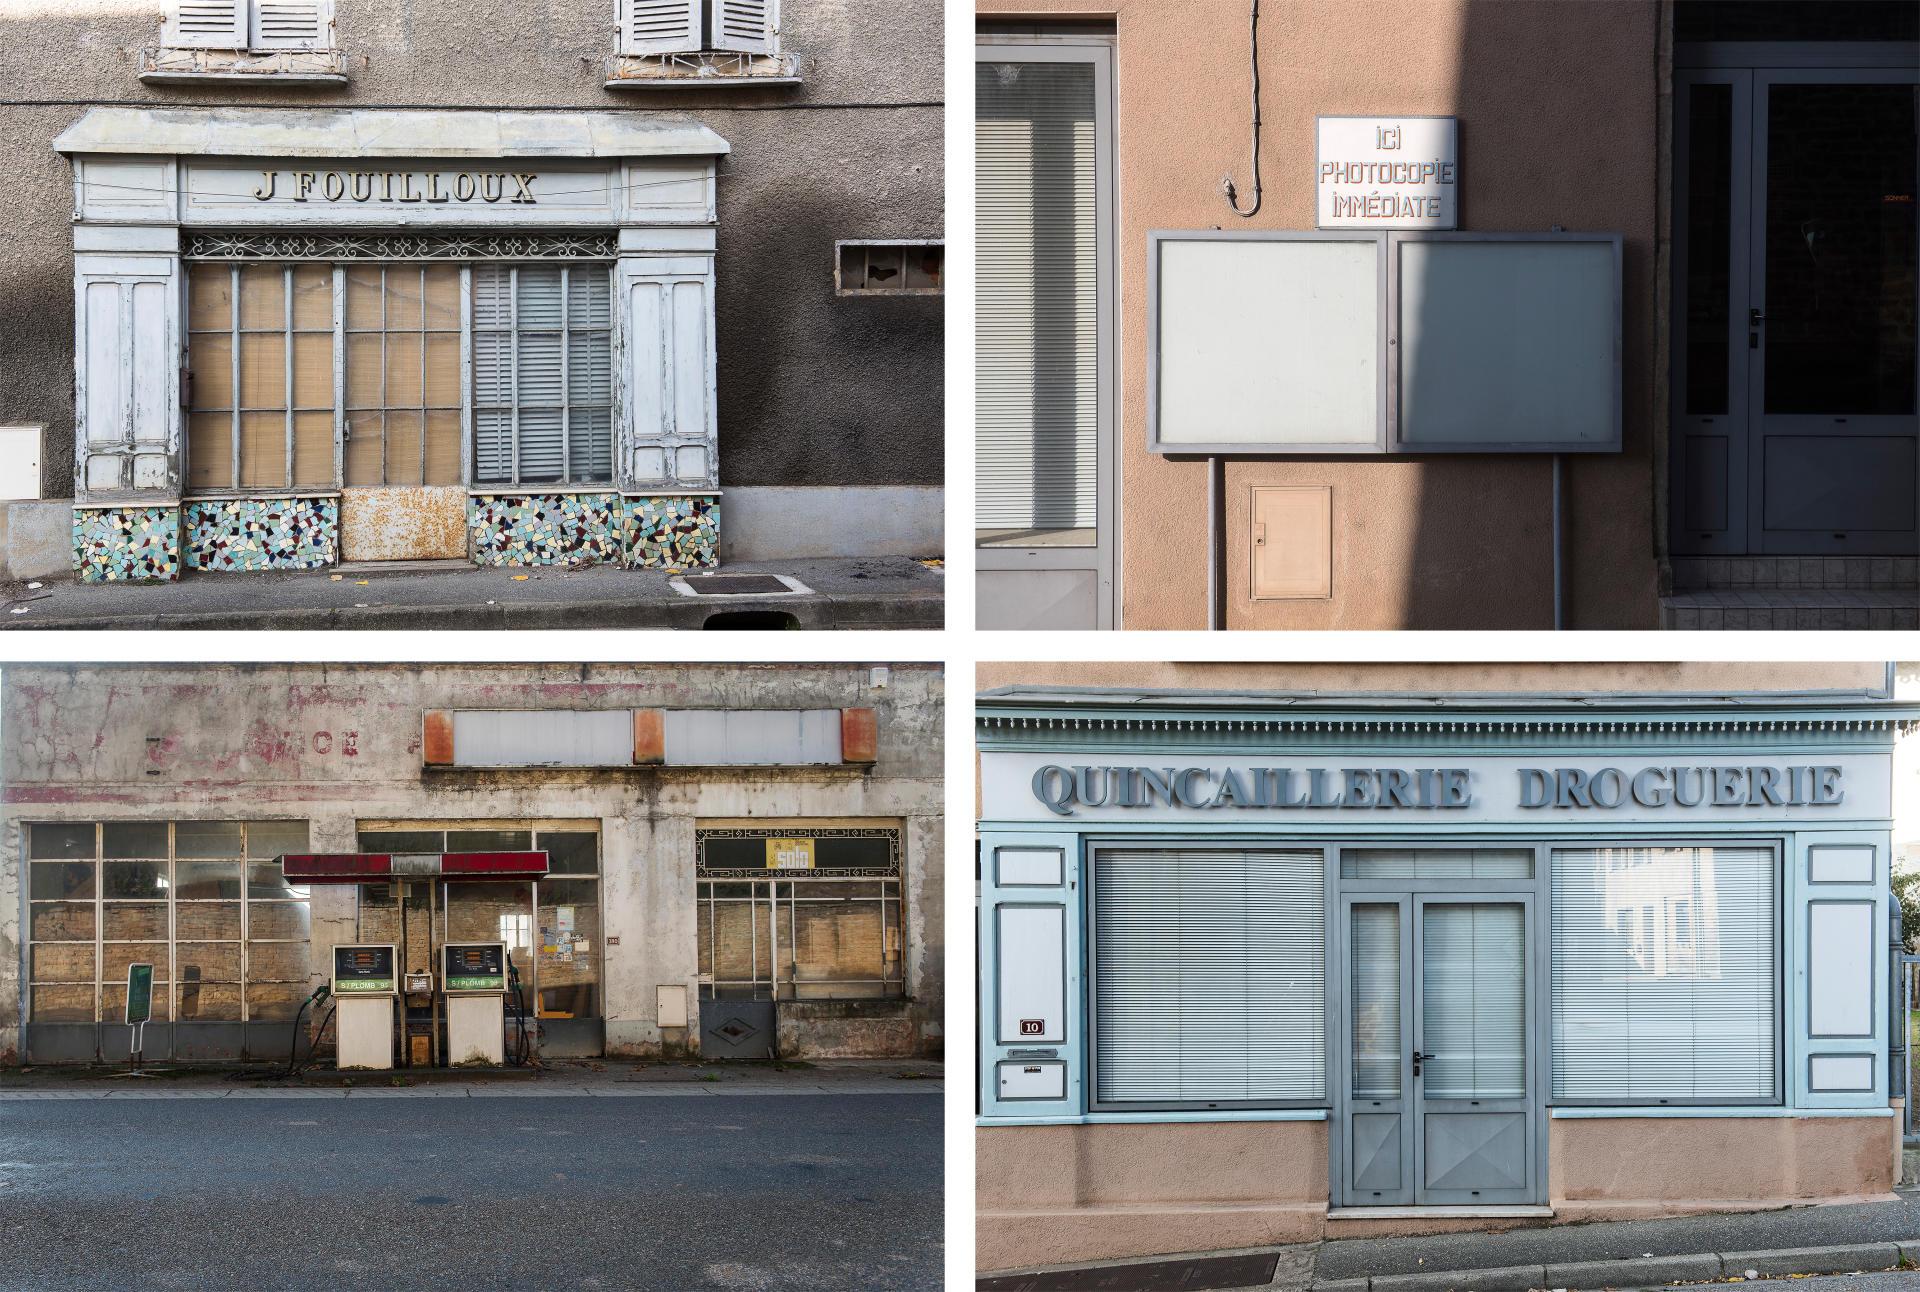 Le village de Pierreclos, dans le Mâconnais, où beaucoup de commerces ont fermé leurs portes.